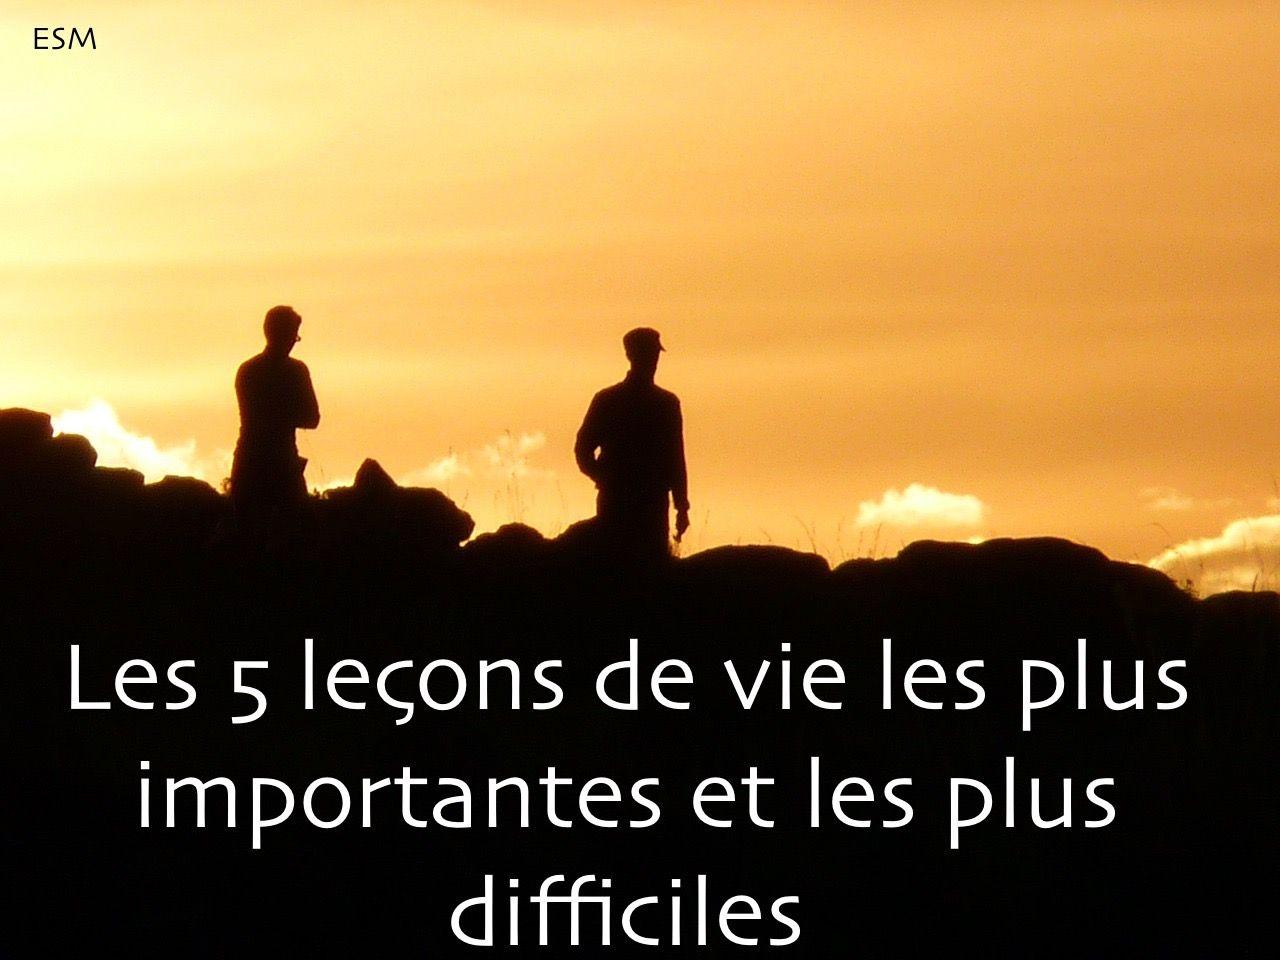 Les 5 leçons de vie les plus importantes et les plus difficiles